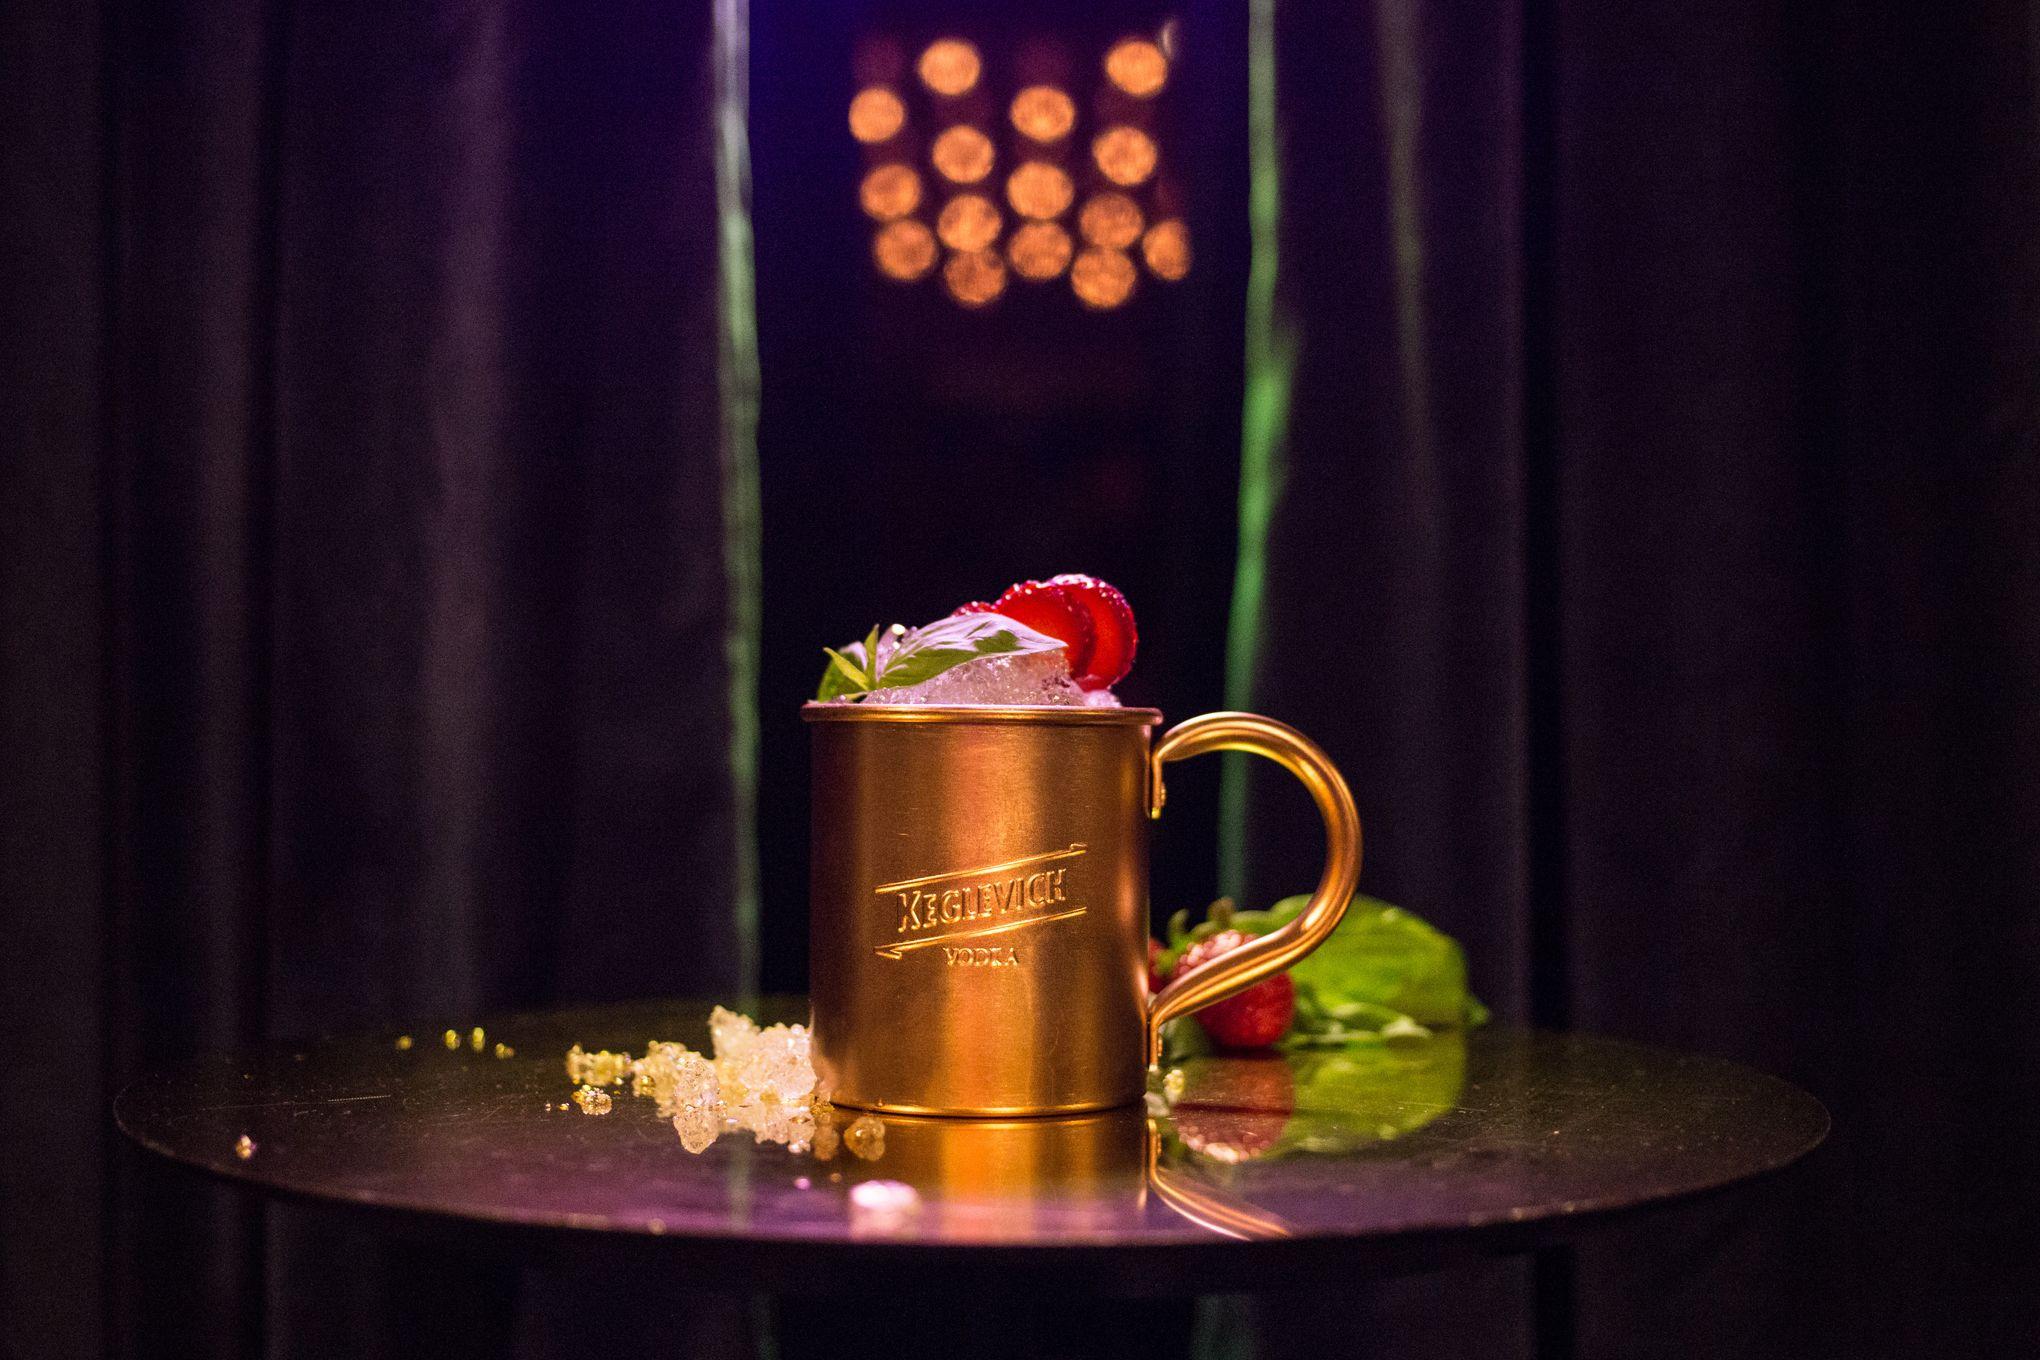 Il 14 febbraio è la sera più adatta per concedervi un brindisi speciale, San Valentino 2019 va celebrato con tutti i crismi titillando ogni senso con i cocktail e le ricette da provare anche da casa.